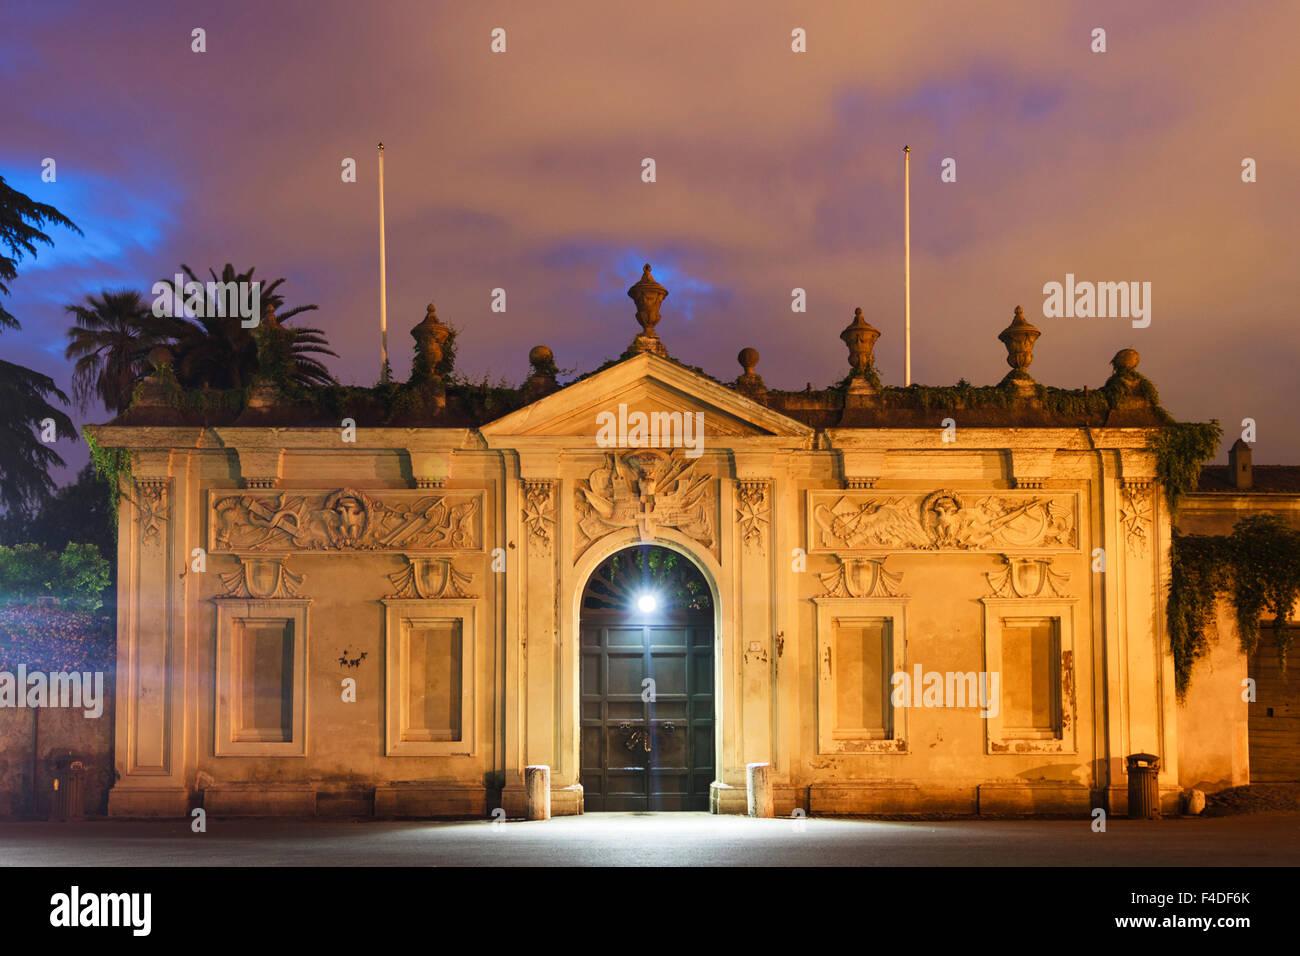 Villa del Priorato di Malta. Piazza dei Cavalieri di Malta. Rome Italy - Stock Image